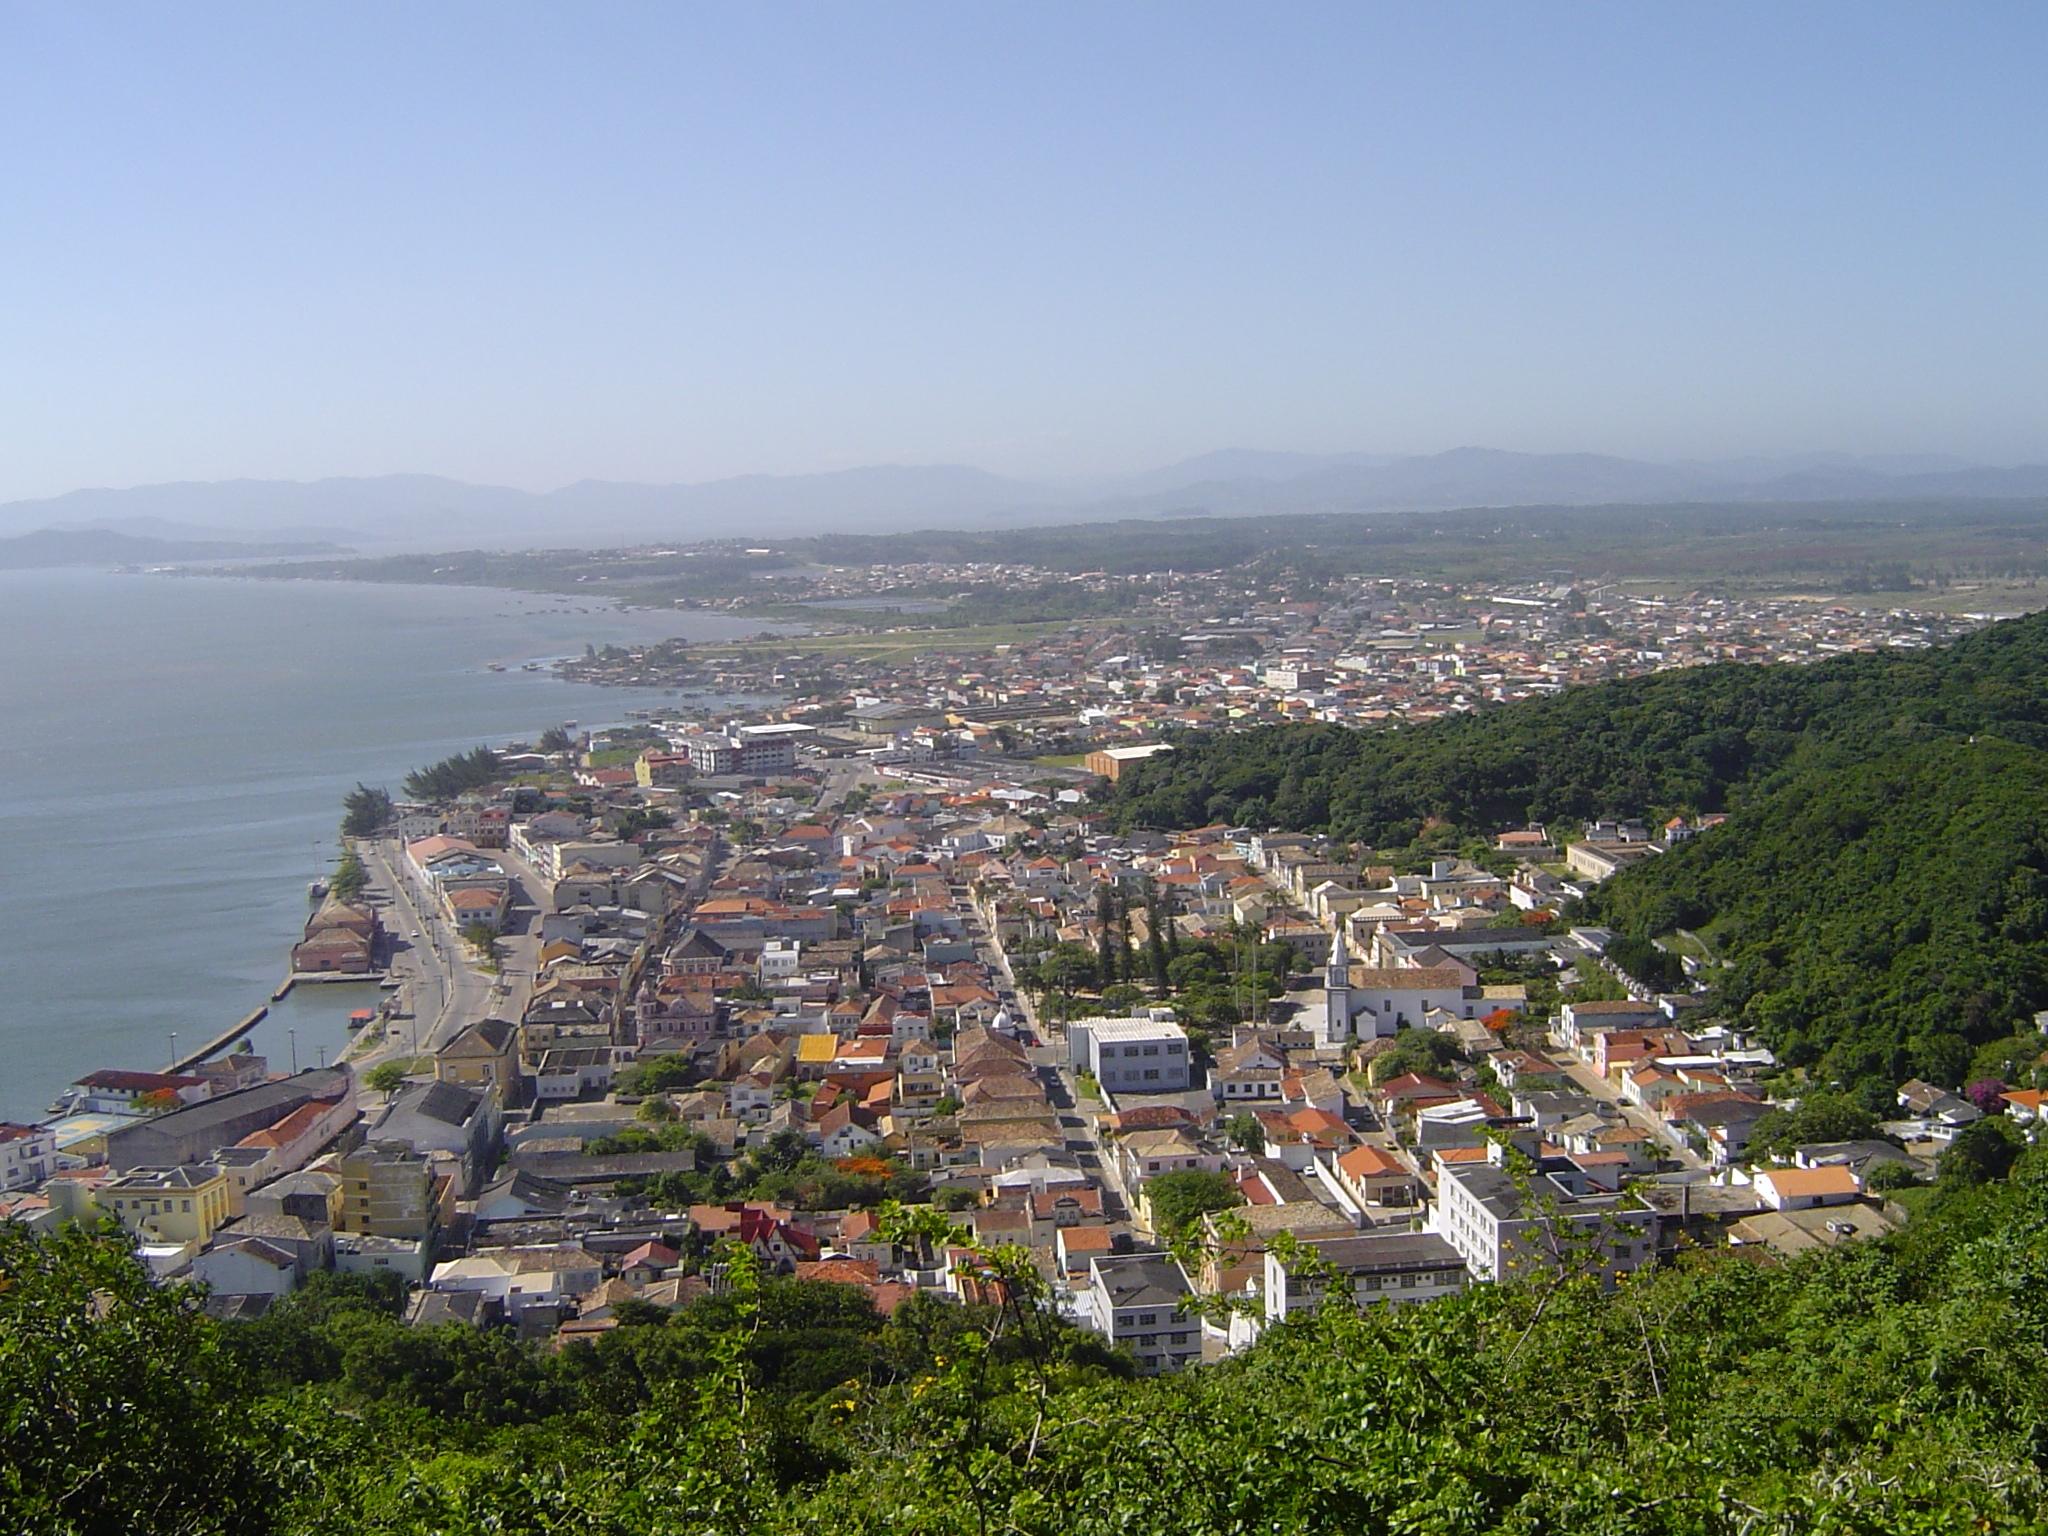 Turismo deve movimentar R$ 100 bilhões neste verão; confira lista dos destinos preferidos